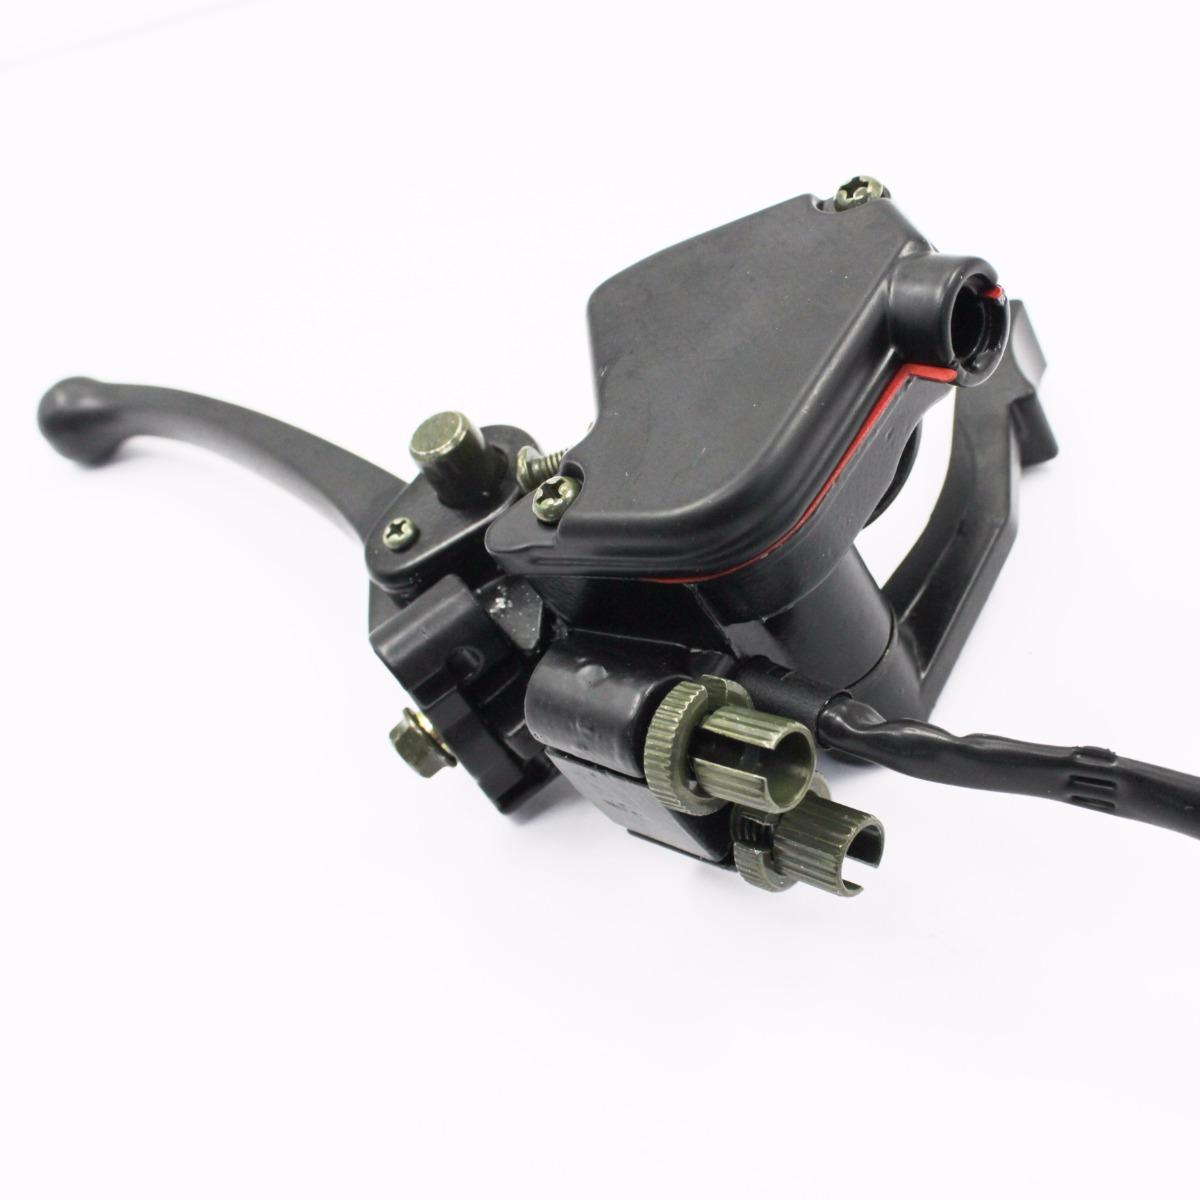 Atv Throttle Lever : Atv thumb throttle accelerator brake lever chinese